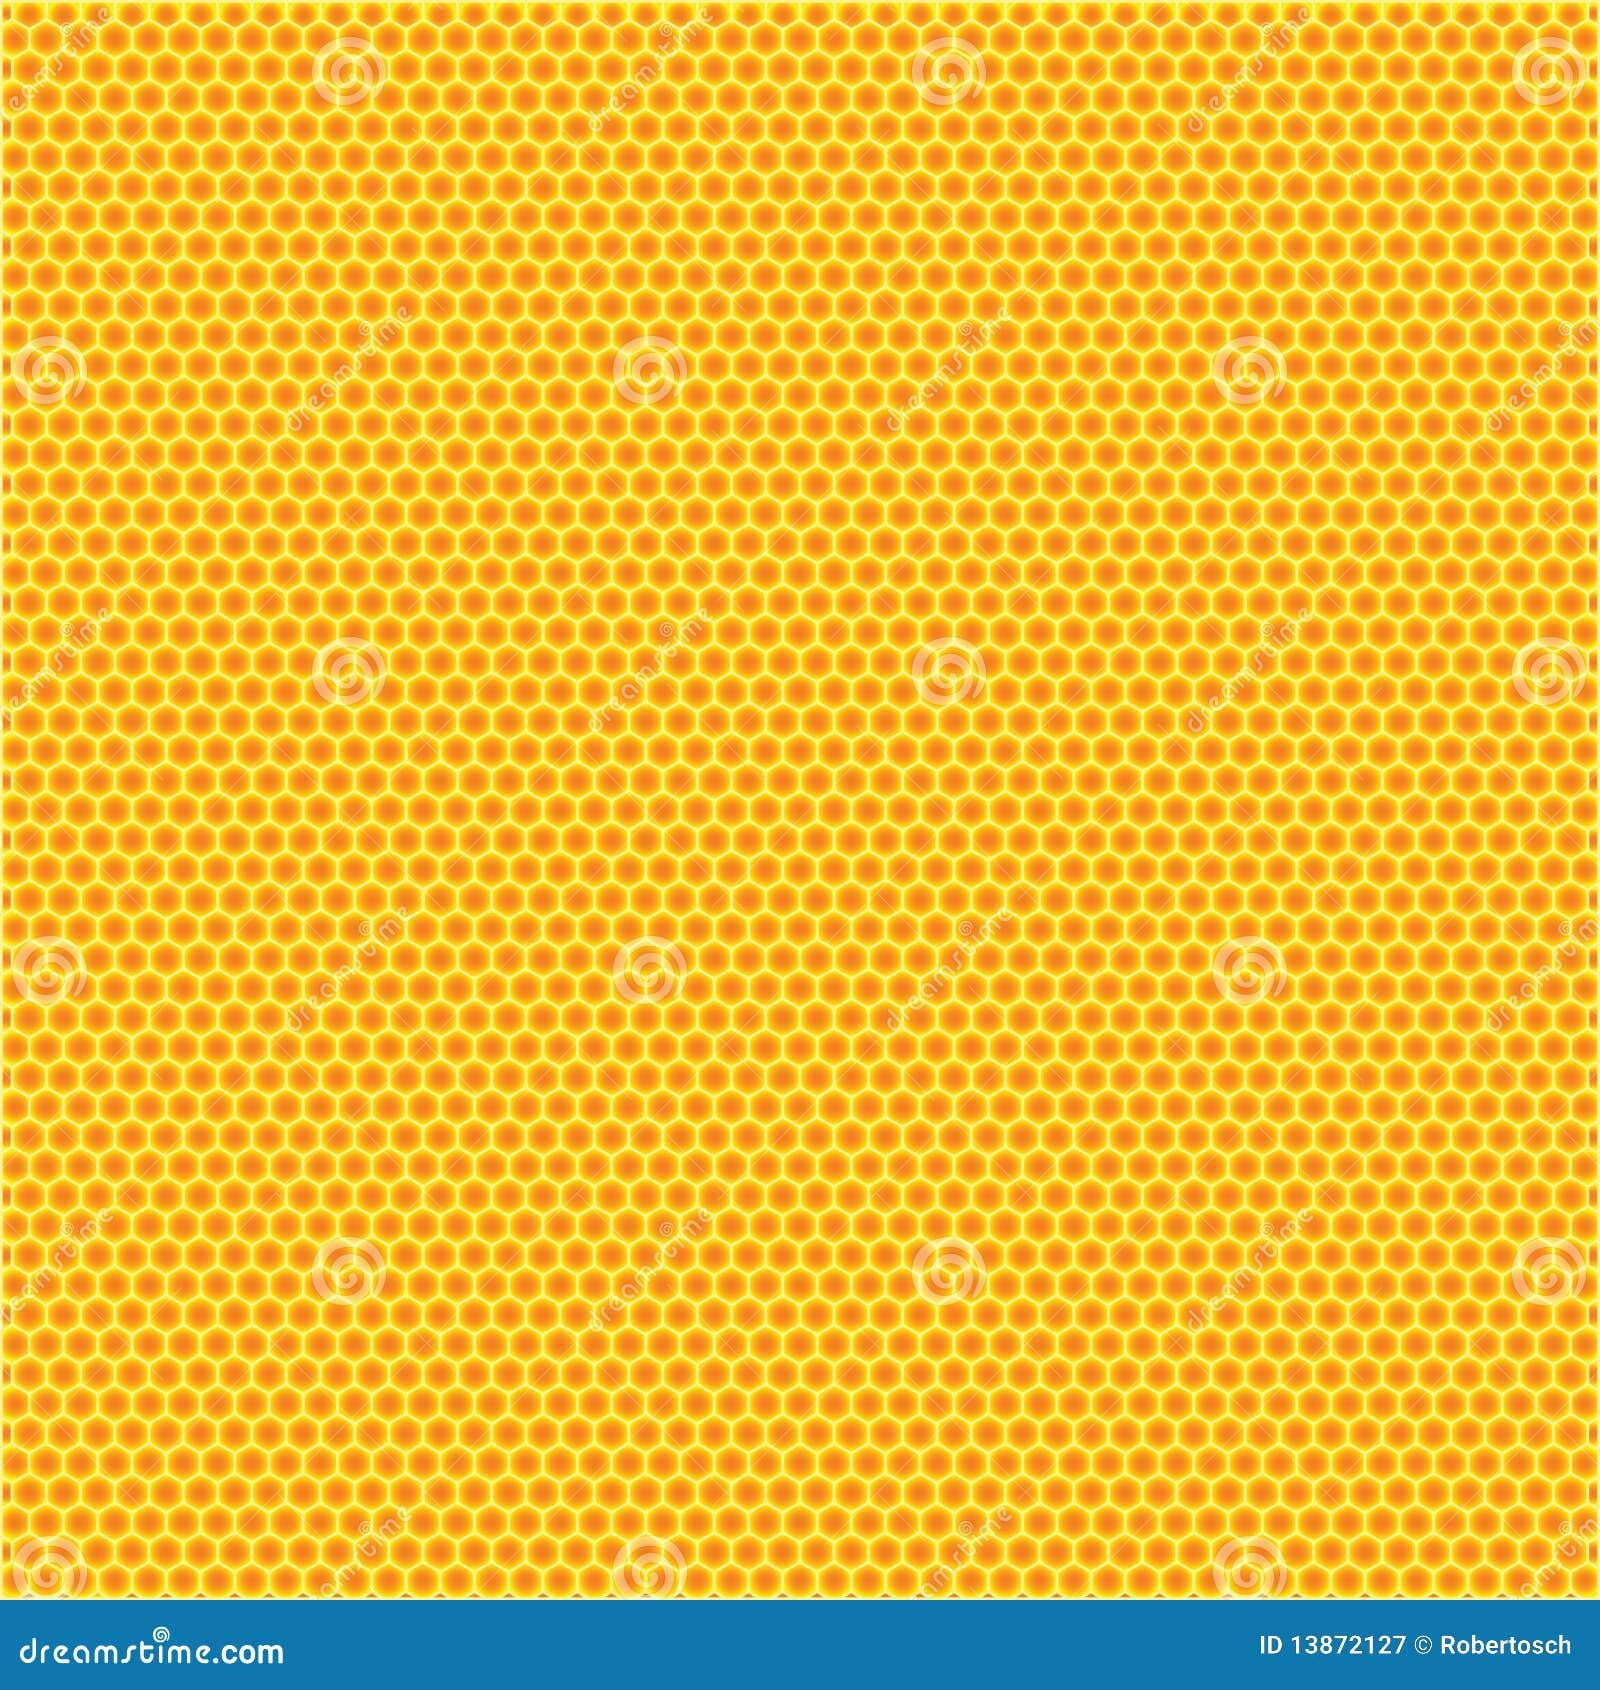 Honey Background Royalty Free Stock Photography - Image ...